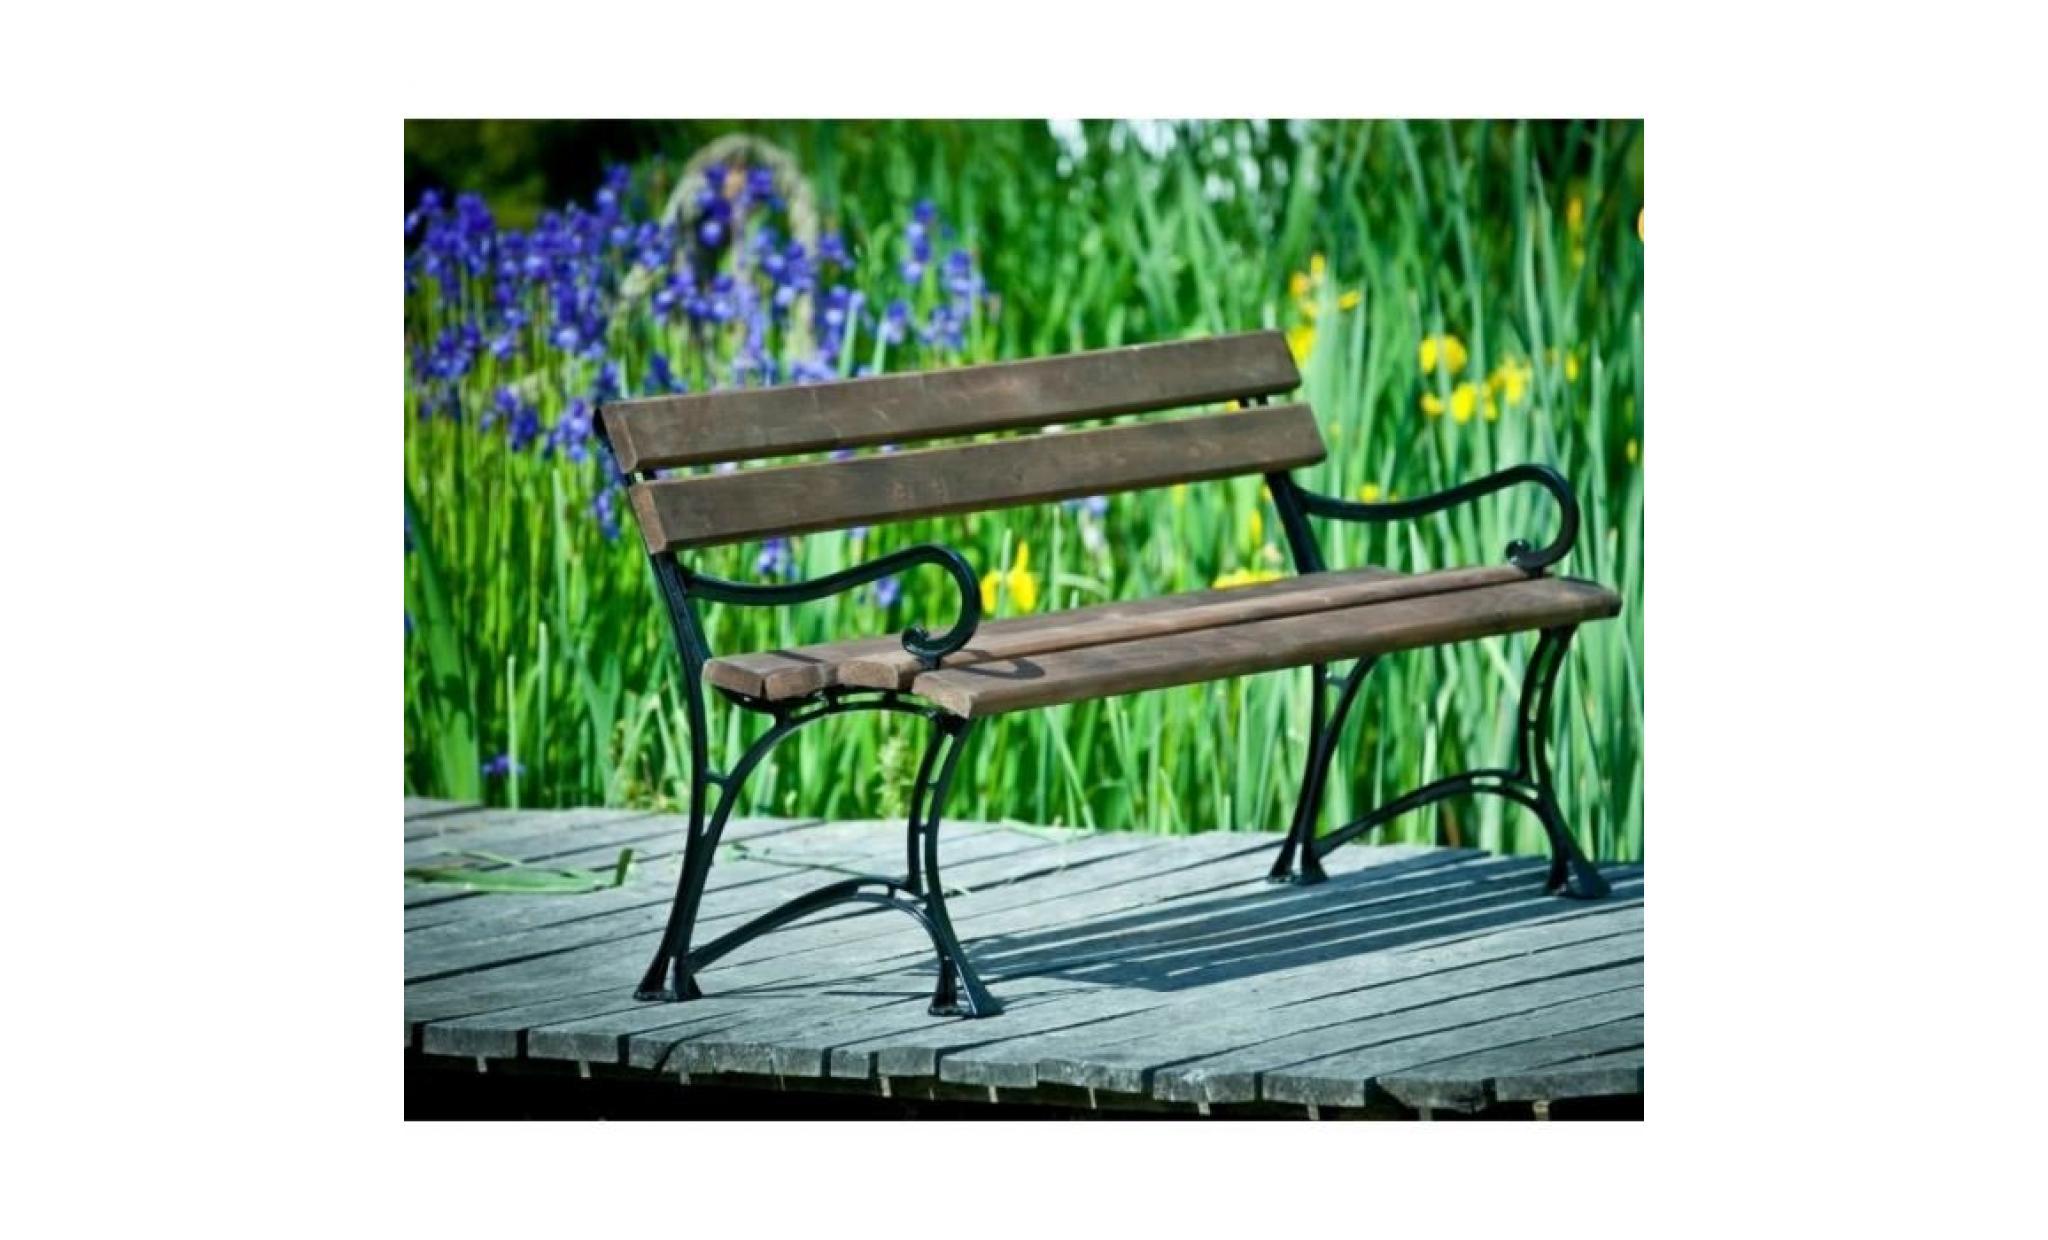 Banc De Jardin En Bois Couleur Palissandre Et Aluminium 150Cm tout Banc En Metal Pour Jardin